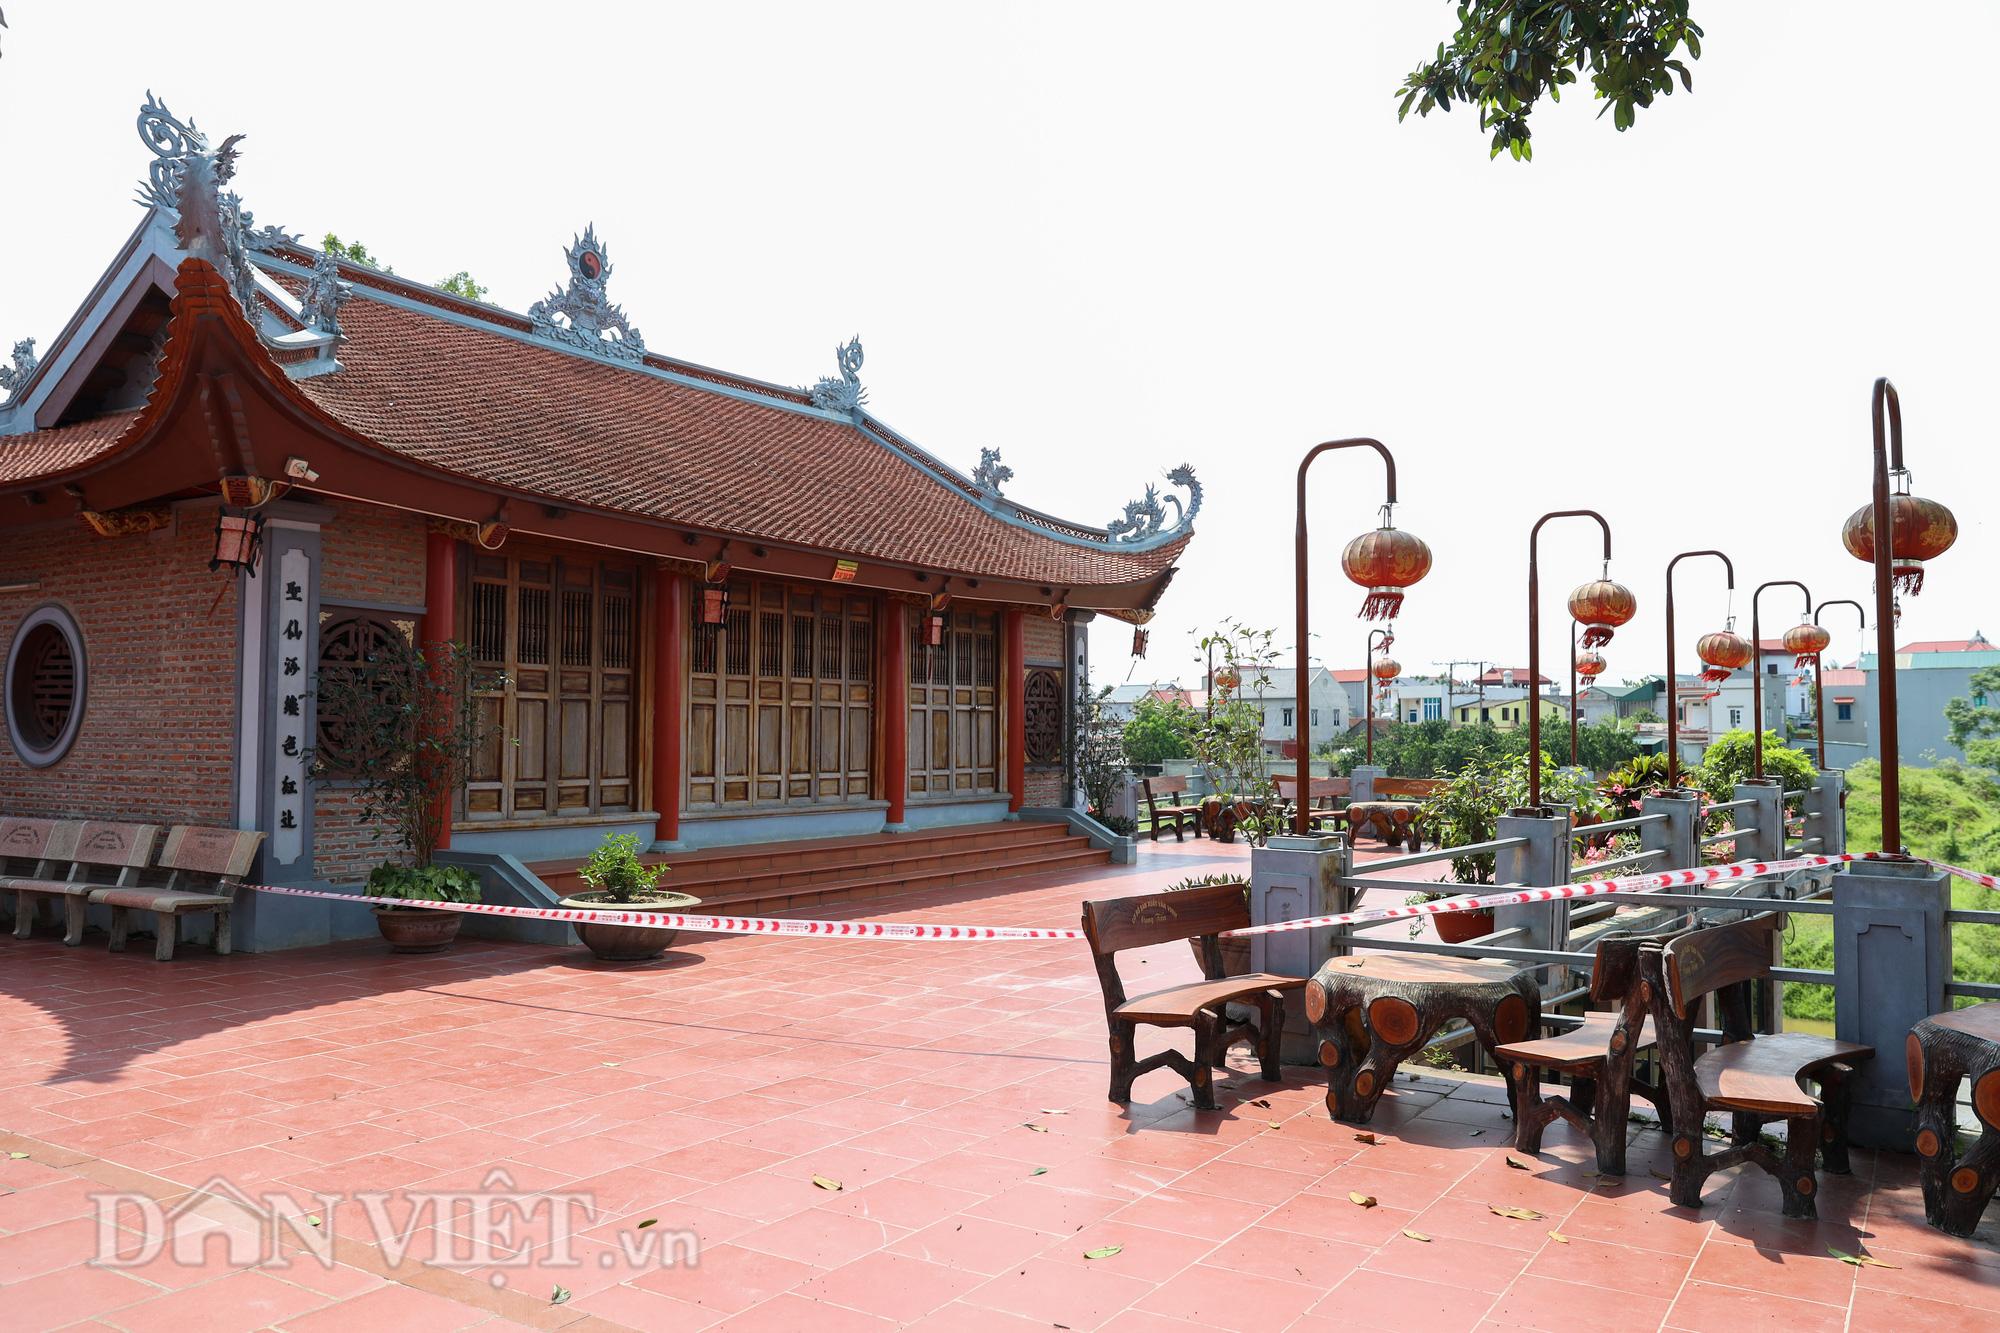 Đền Ba Voi ở Hà Nội bị đóng cửa vì sạt lở bờ sông - Ảnh 8.